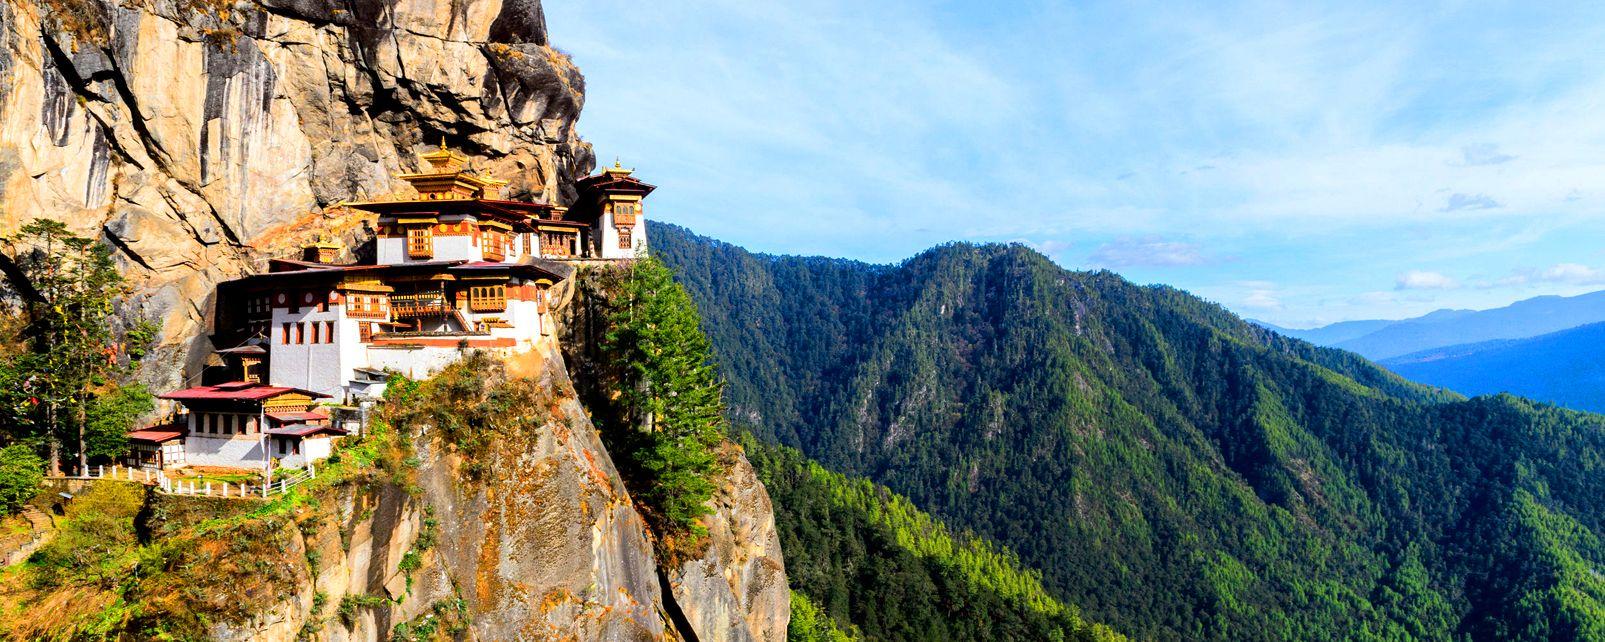 El retiro de Taktsang , El Ermitage de Taktsang , Bután